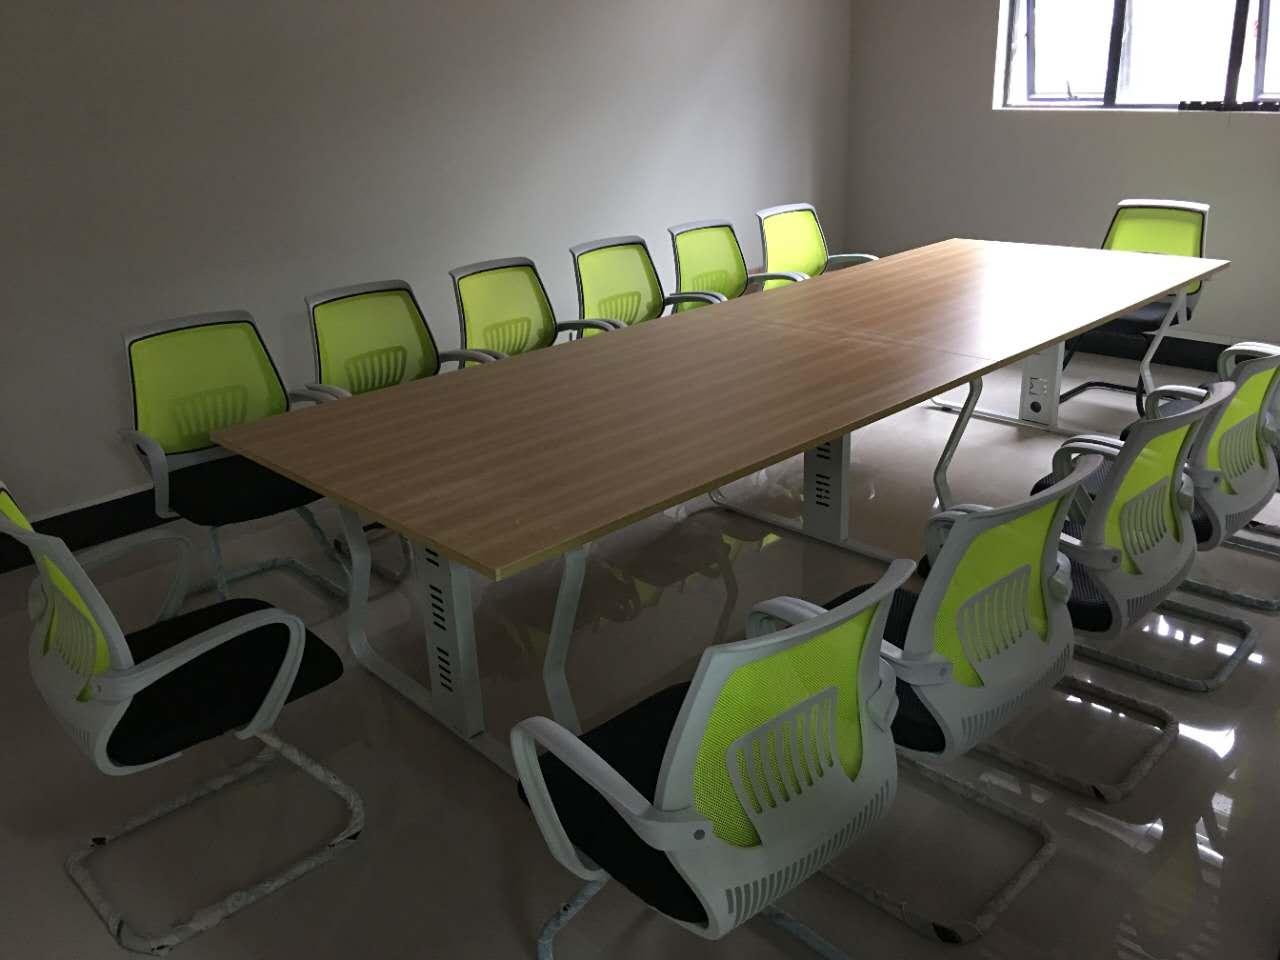 深圳横岗会议桌网上商城 让您享受家一般的会议桌环境